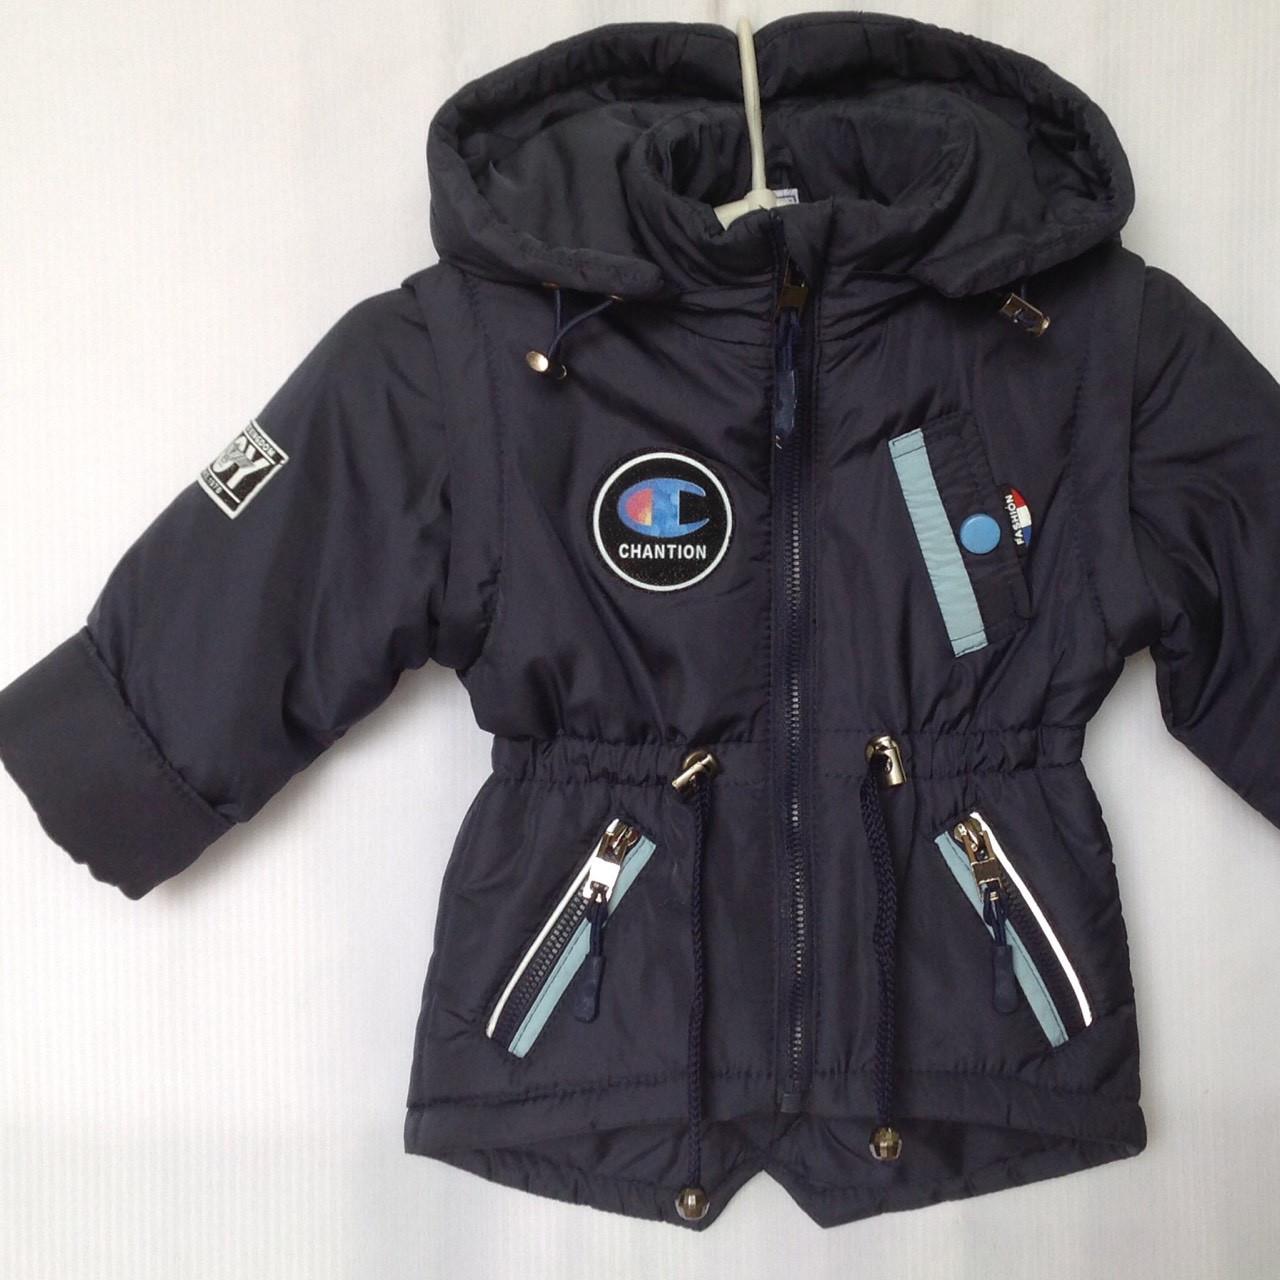 """Куртка-трансформер детская демисезонная """"Change"""" для девочек. 1-5 лет (86-110 см). Черная. Оптом."""